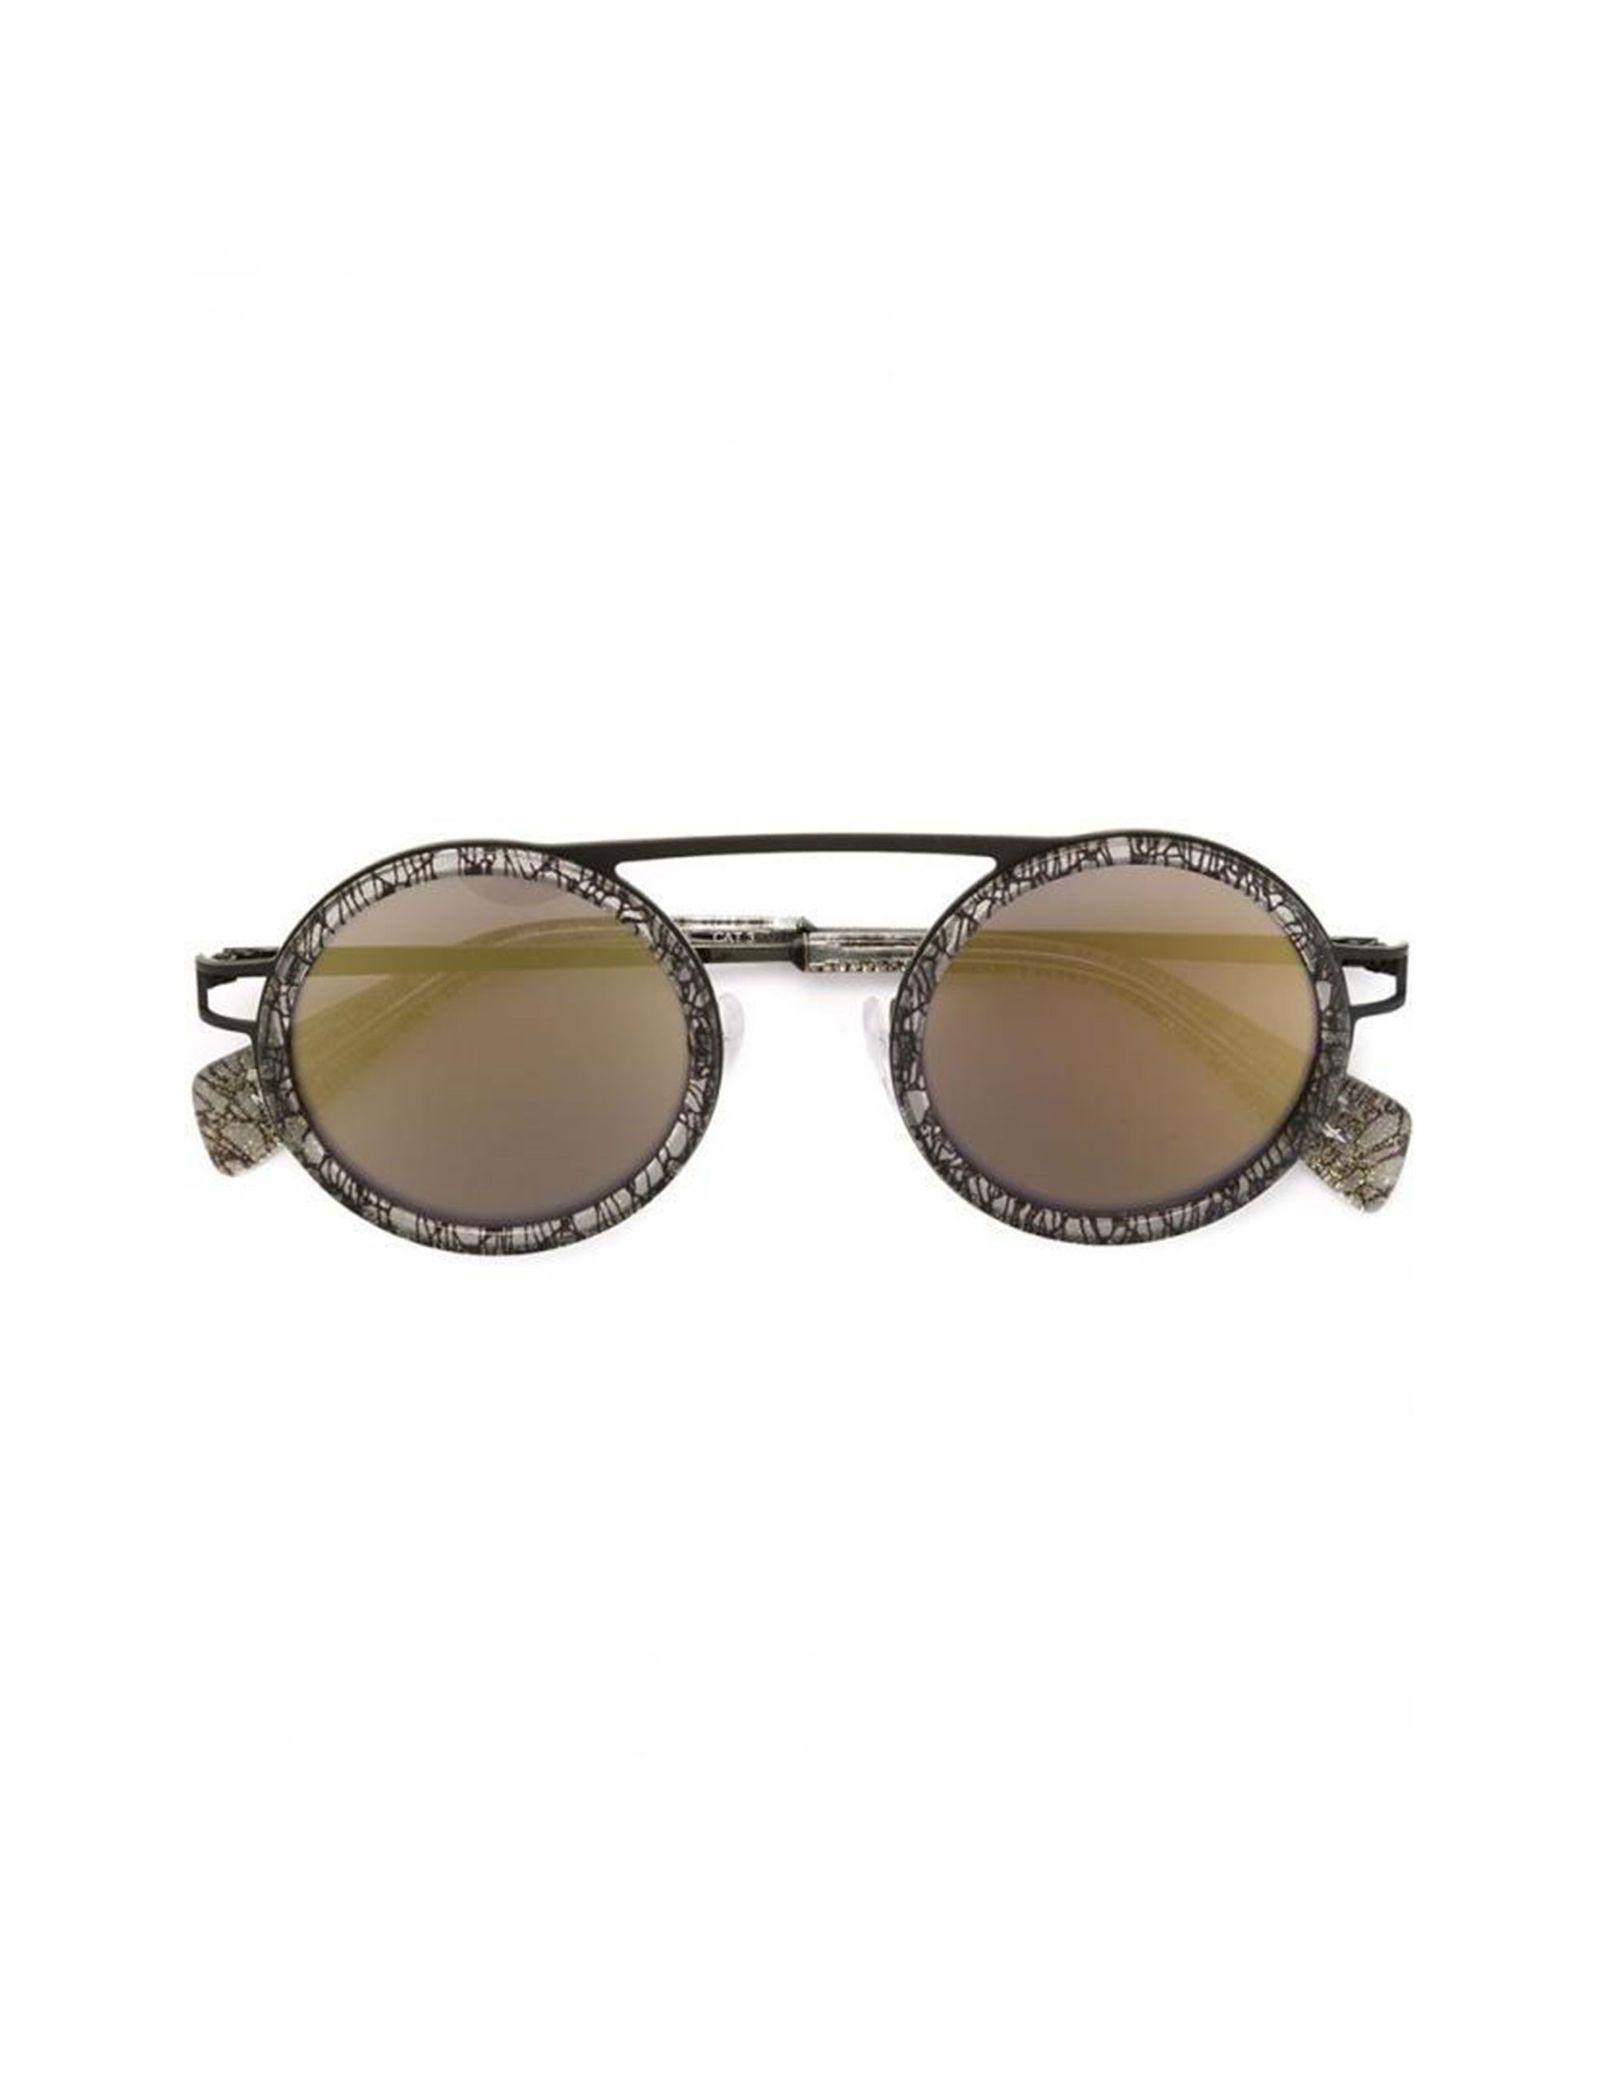 عینک آفتابی گرد زنانه - یوجی یاماموتو - مشکي  - 1